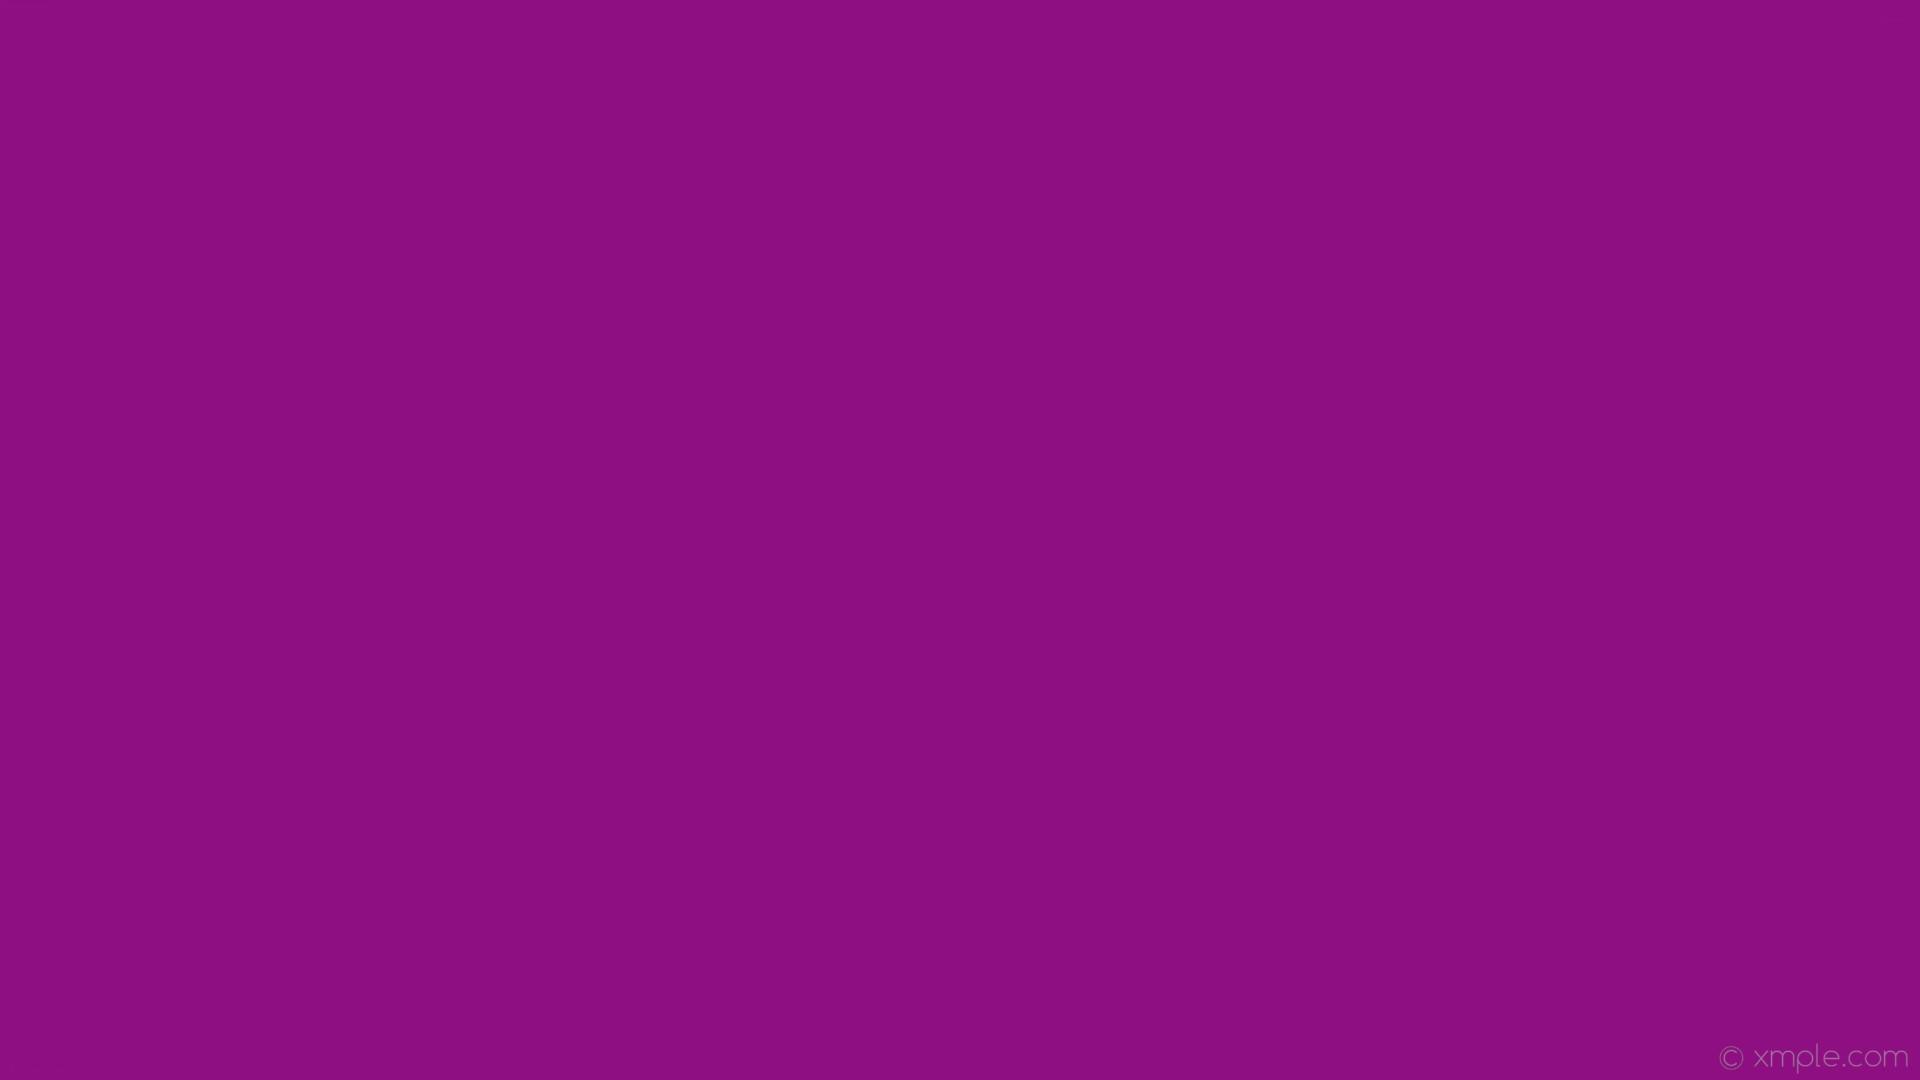 wallpaper magenta single one colour plain solid color #8e0f81